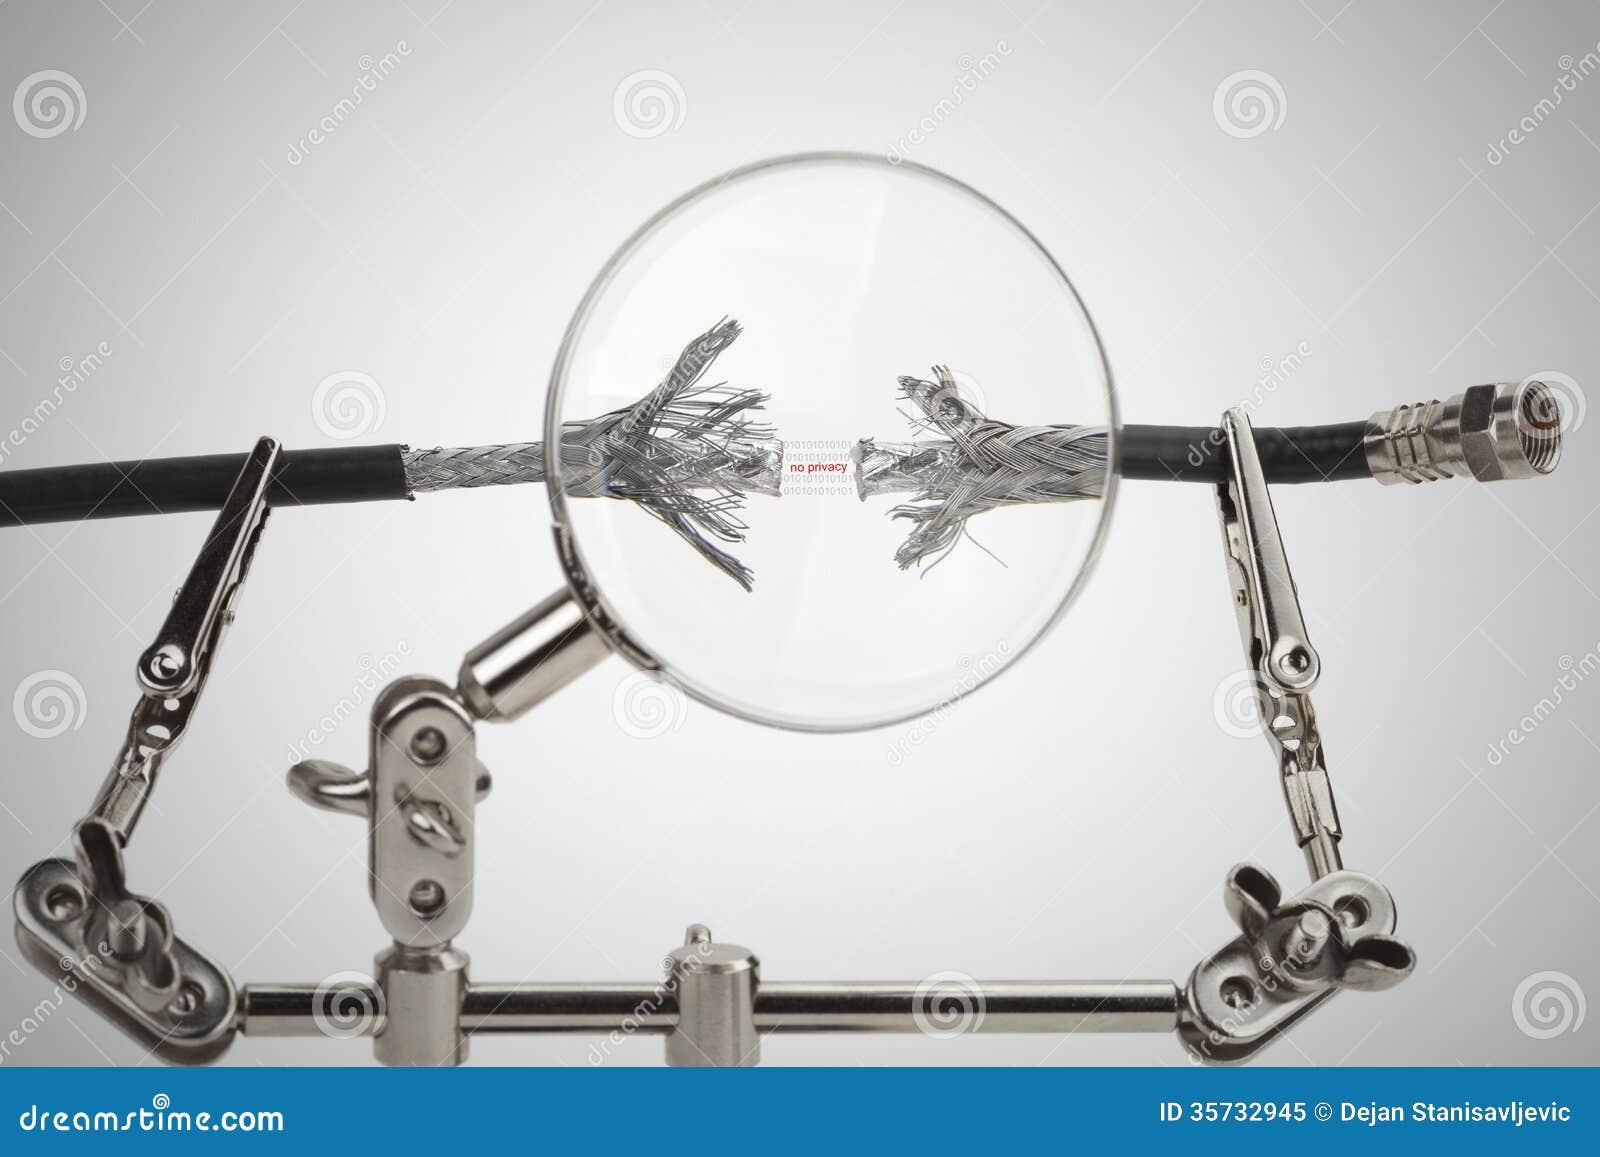 Концепция безопасностью интернета, отсутствие уединения